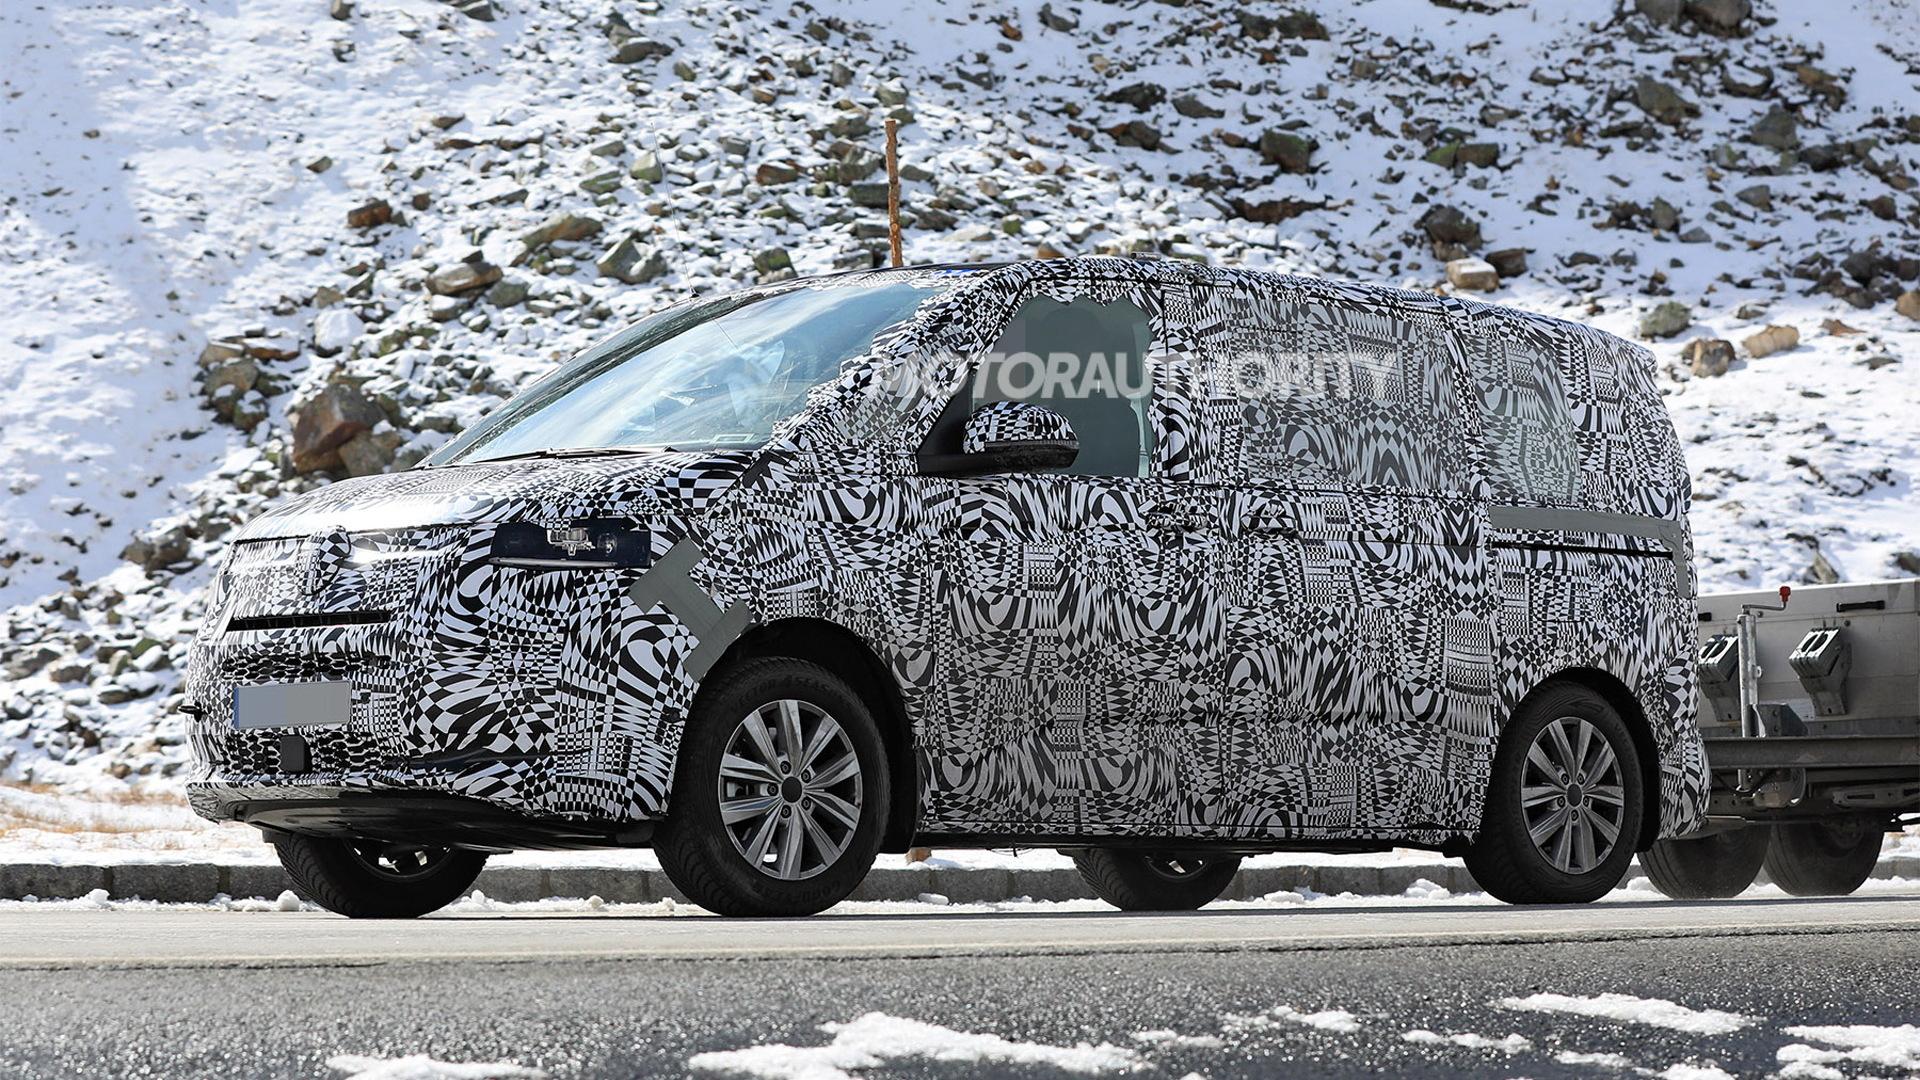 2021 Volkswagen Transporter (T7) spy shots - Photo credit: S. Baldauf/SB-Medien